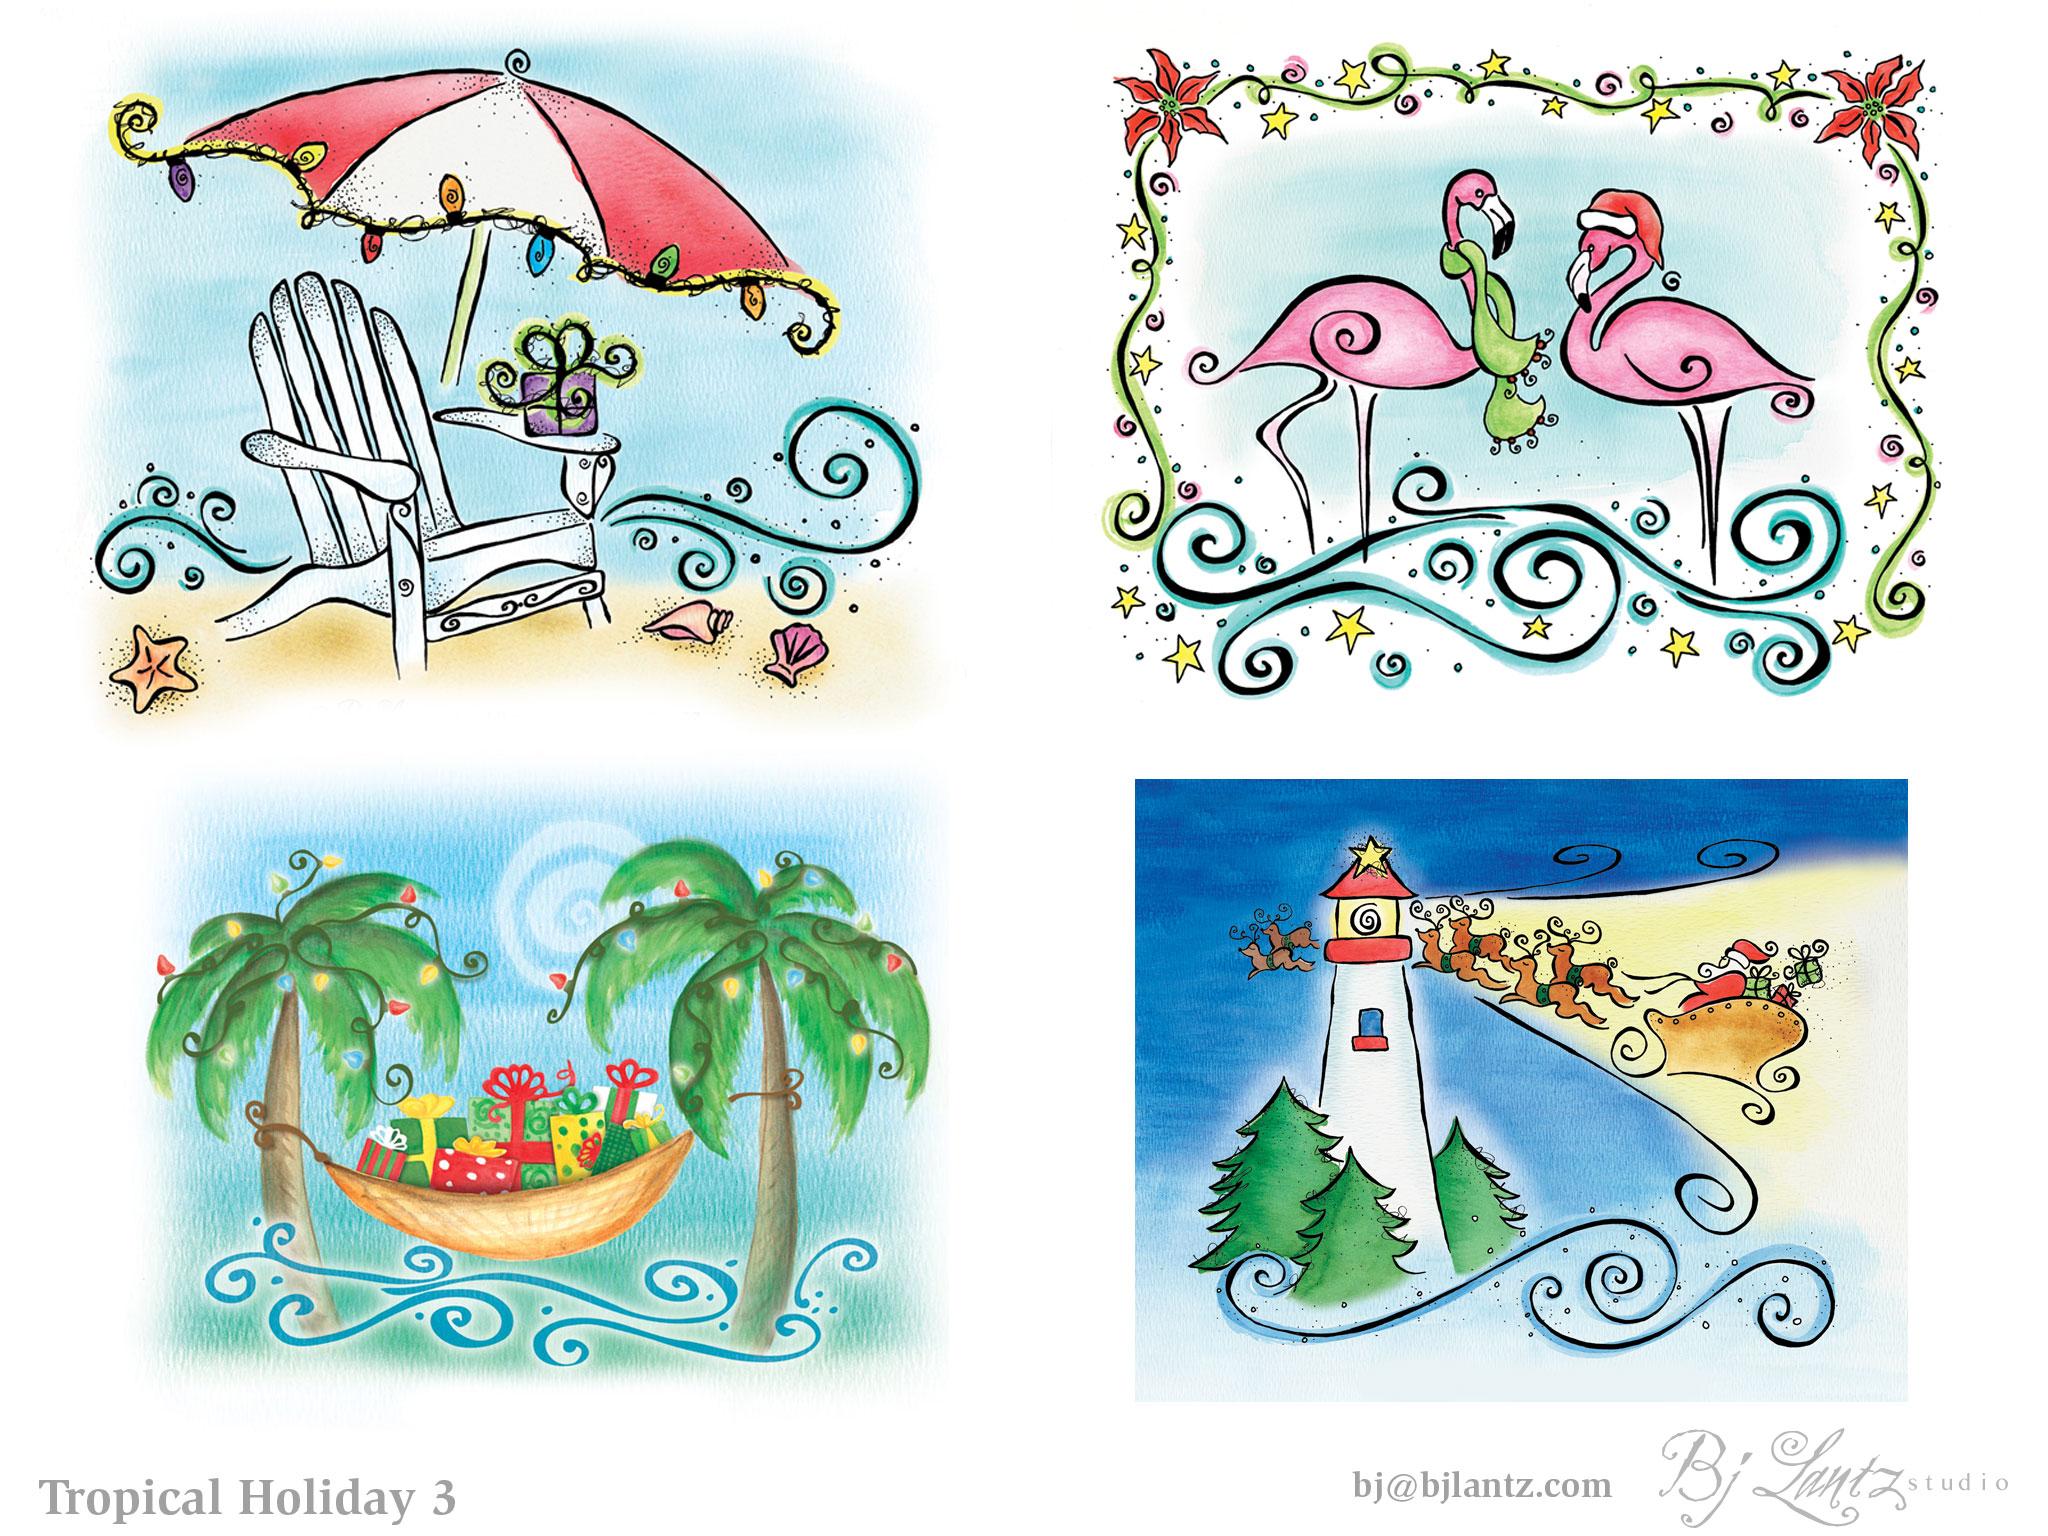 TropicalHoliday-3_portfolio_Lantz.jpg